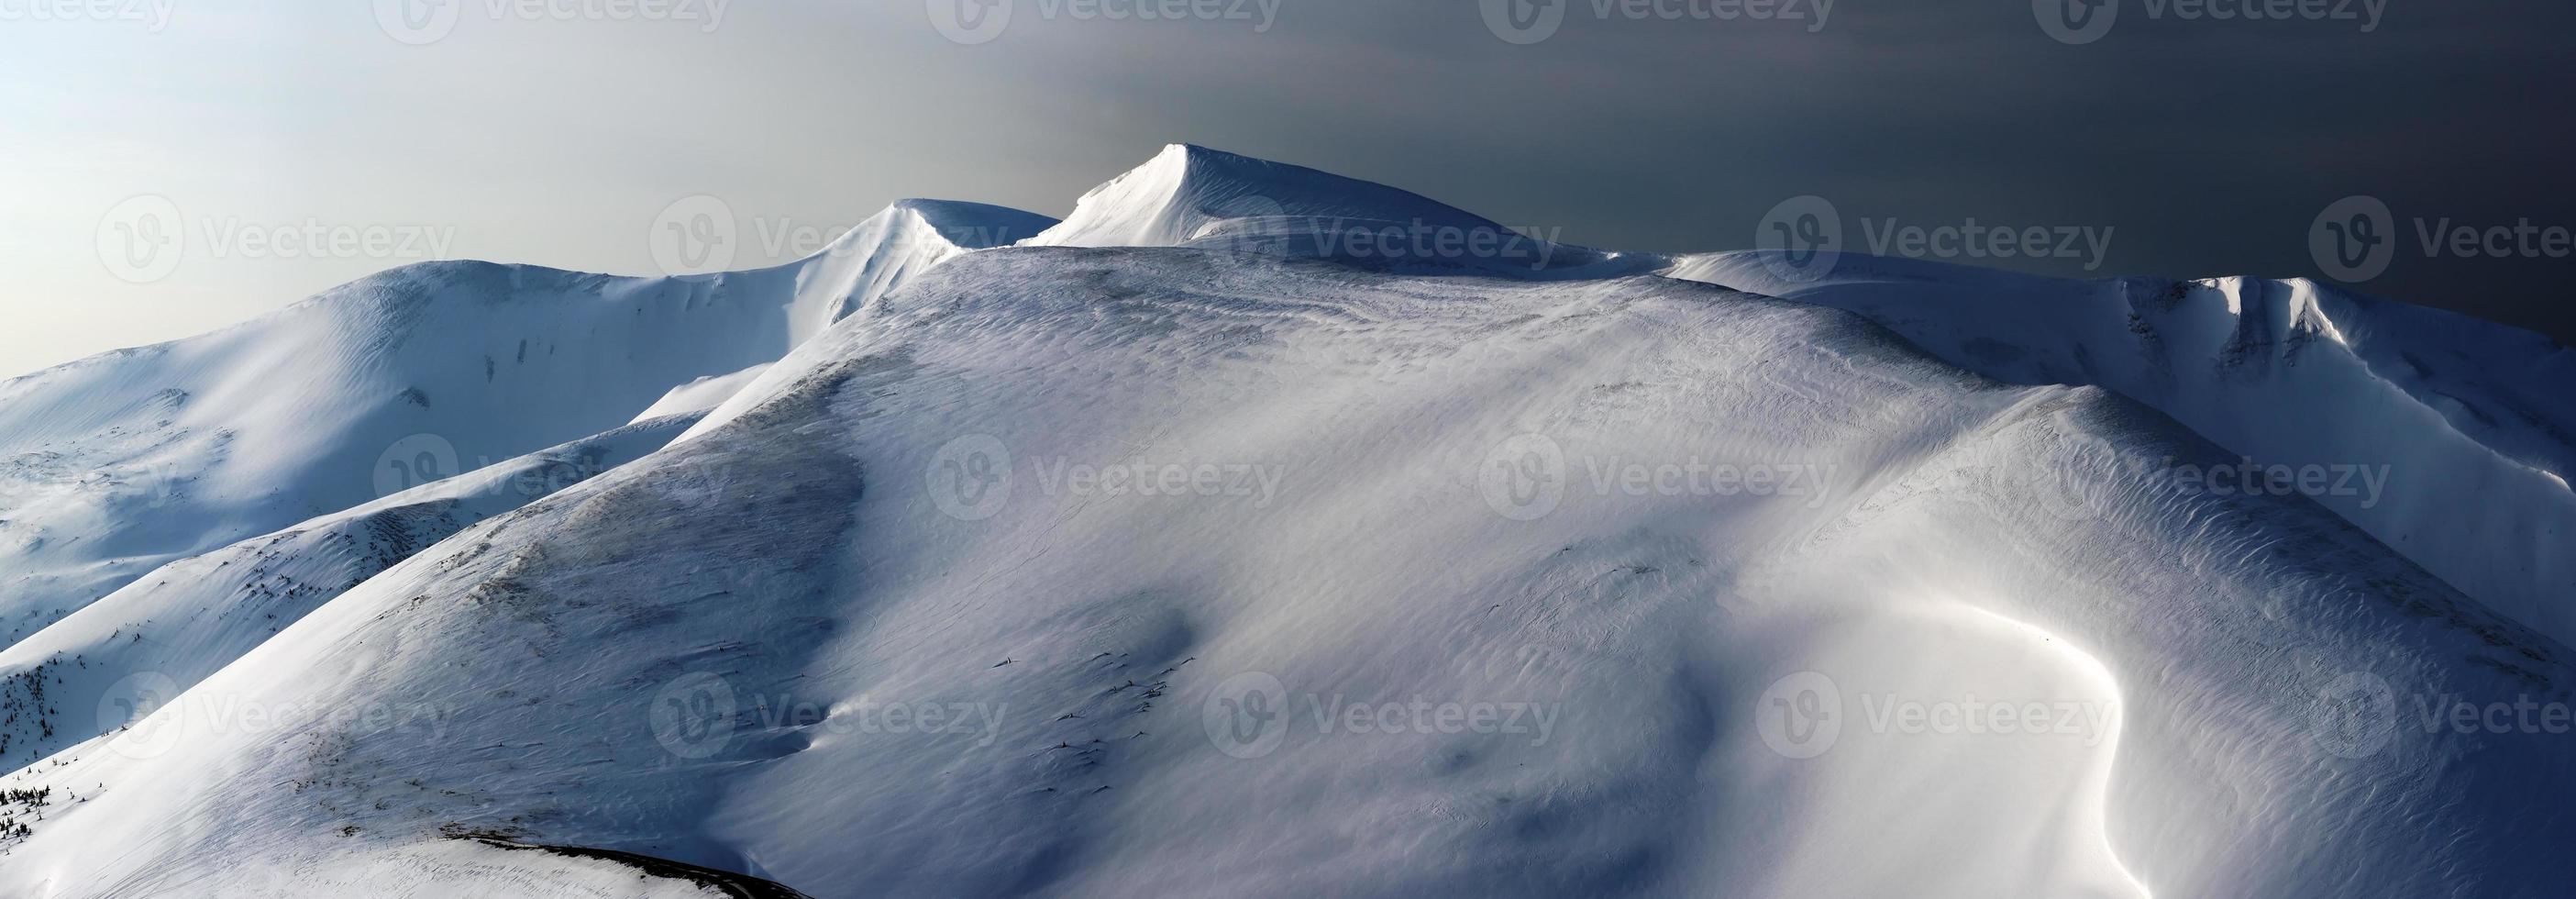 dag-till-natt pastell övergång i vinterbergen foto